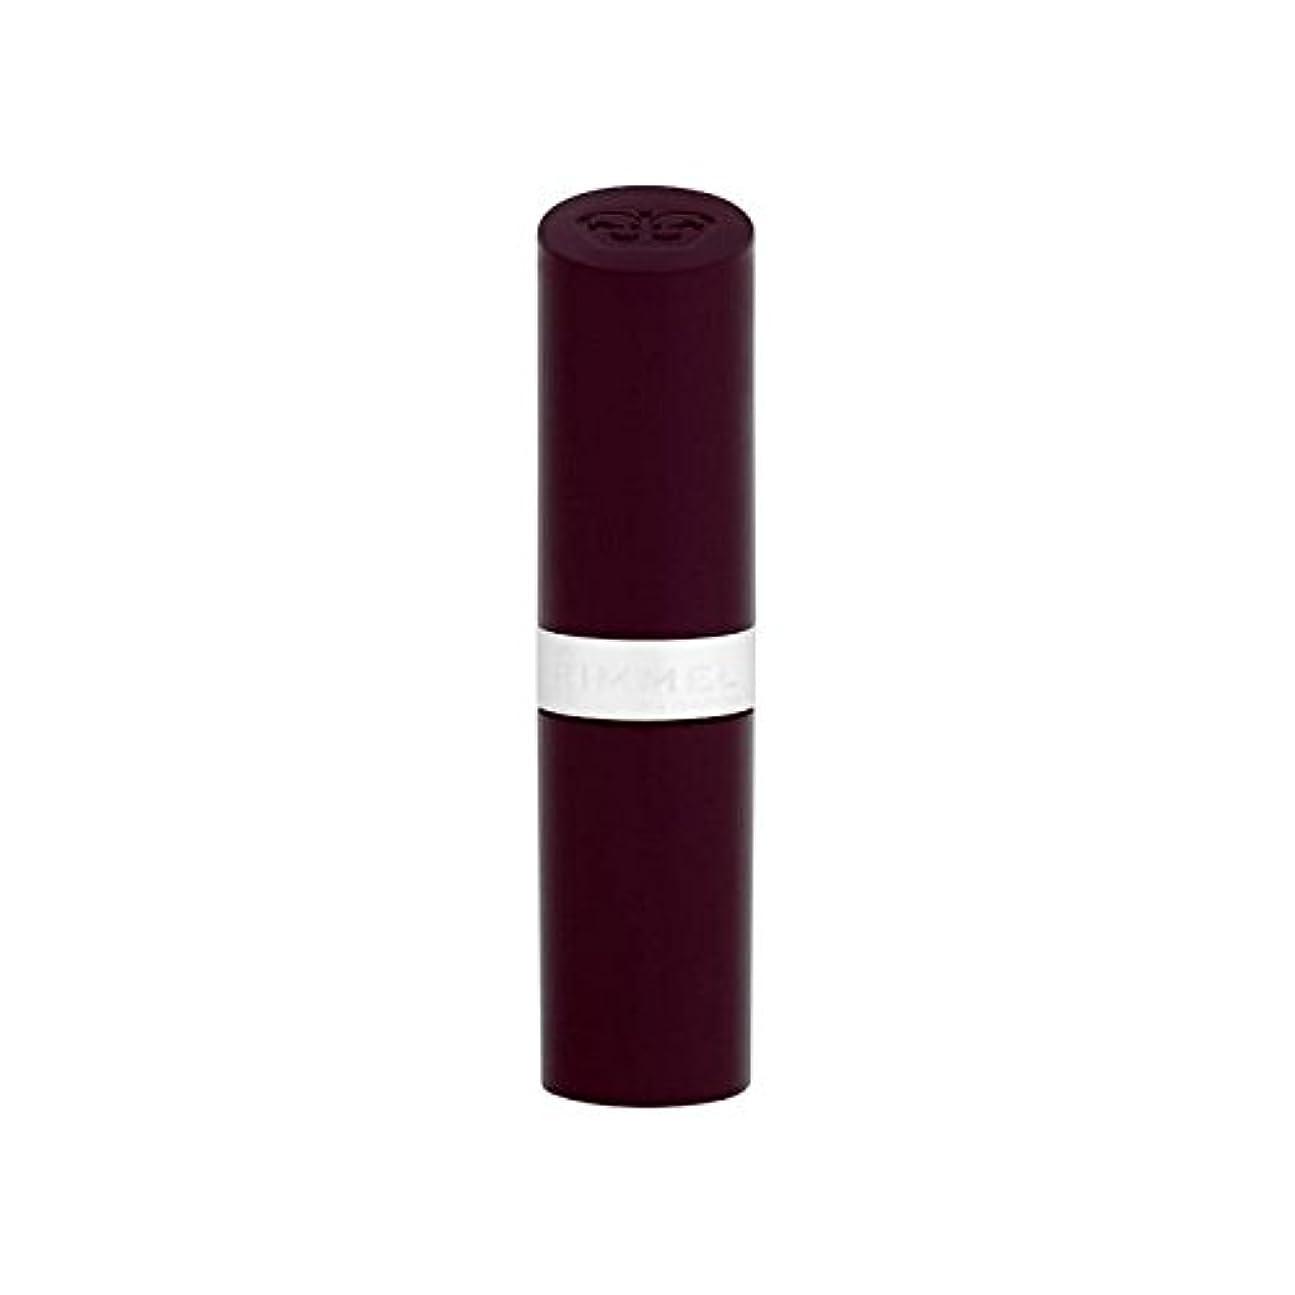 過度の助言胸リンメル持続的な仕上げの口紅アメジストきらめき84 x4 - Rimmel Lasting Finish Lipstick Amethyst Shimmer 84 (Pack of 4) [並行輸入品]